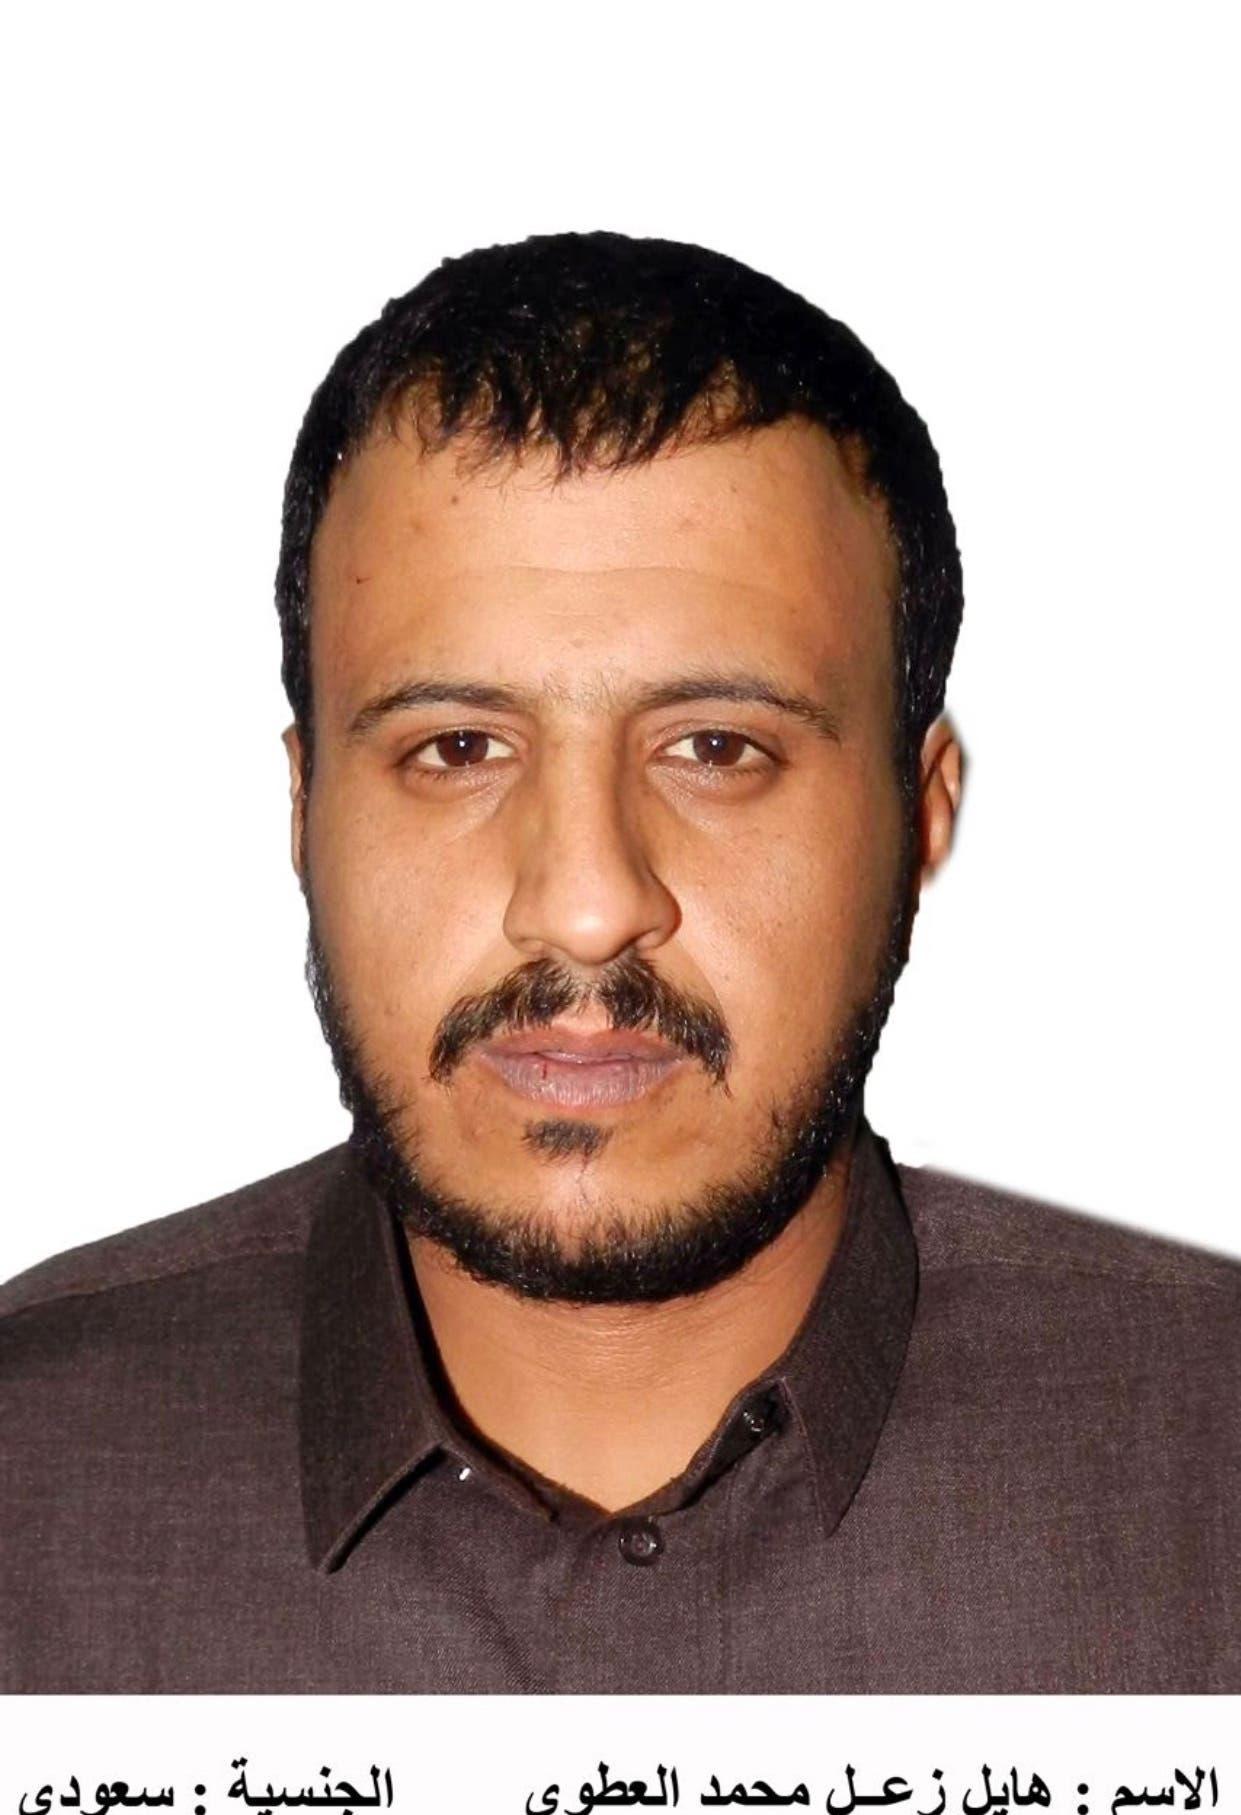 الداعشي هايل زعل محمد العطوي